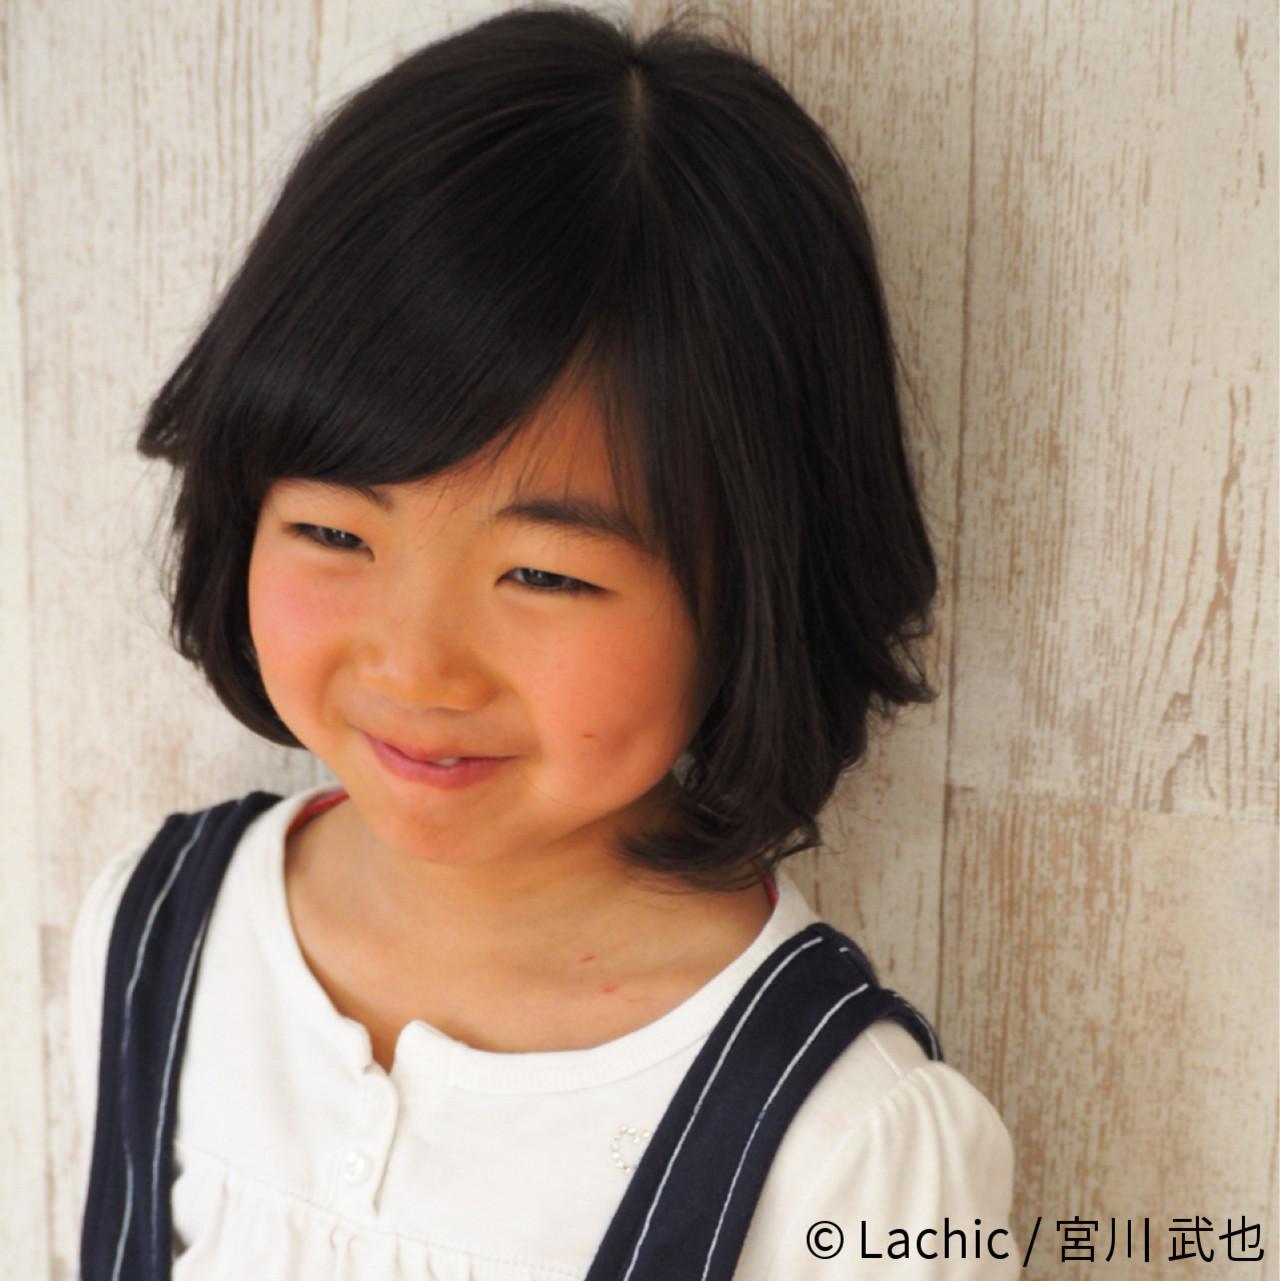 黒髪 ナチュラル ボブ 子供 ヘアスタイルや髪型の写真・画像